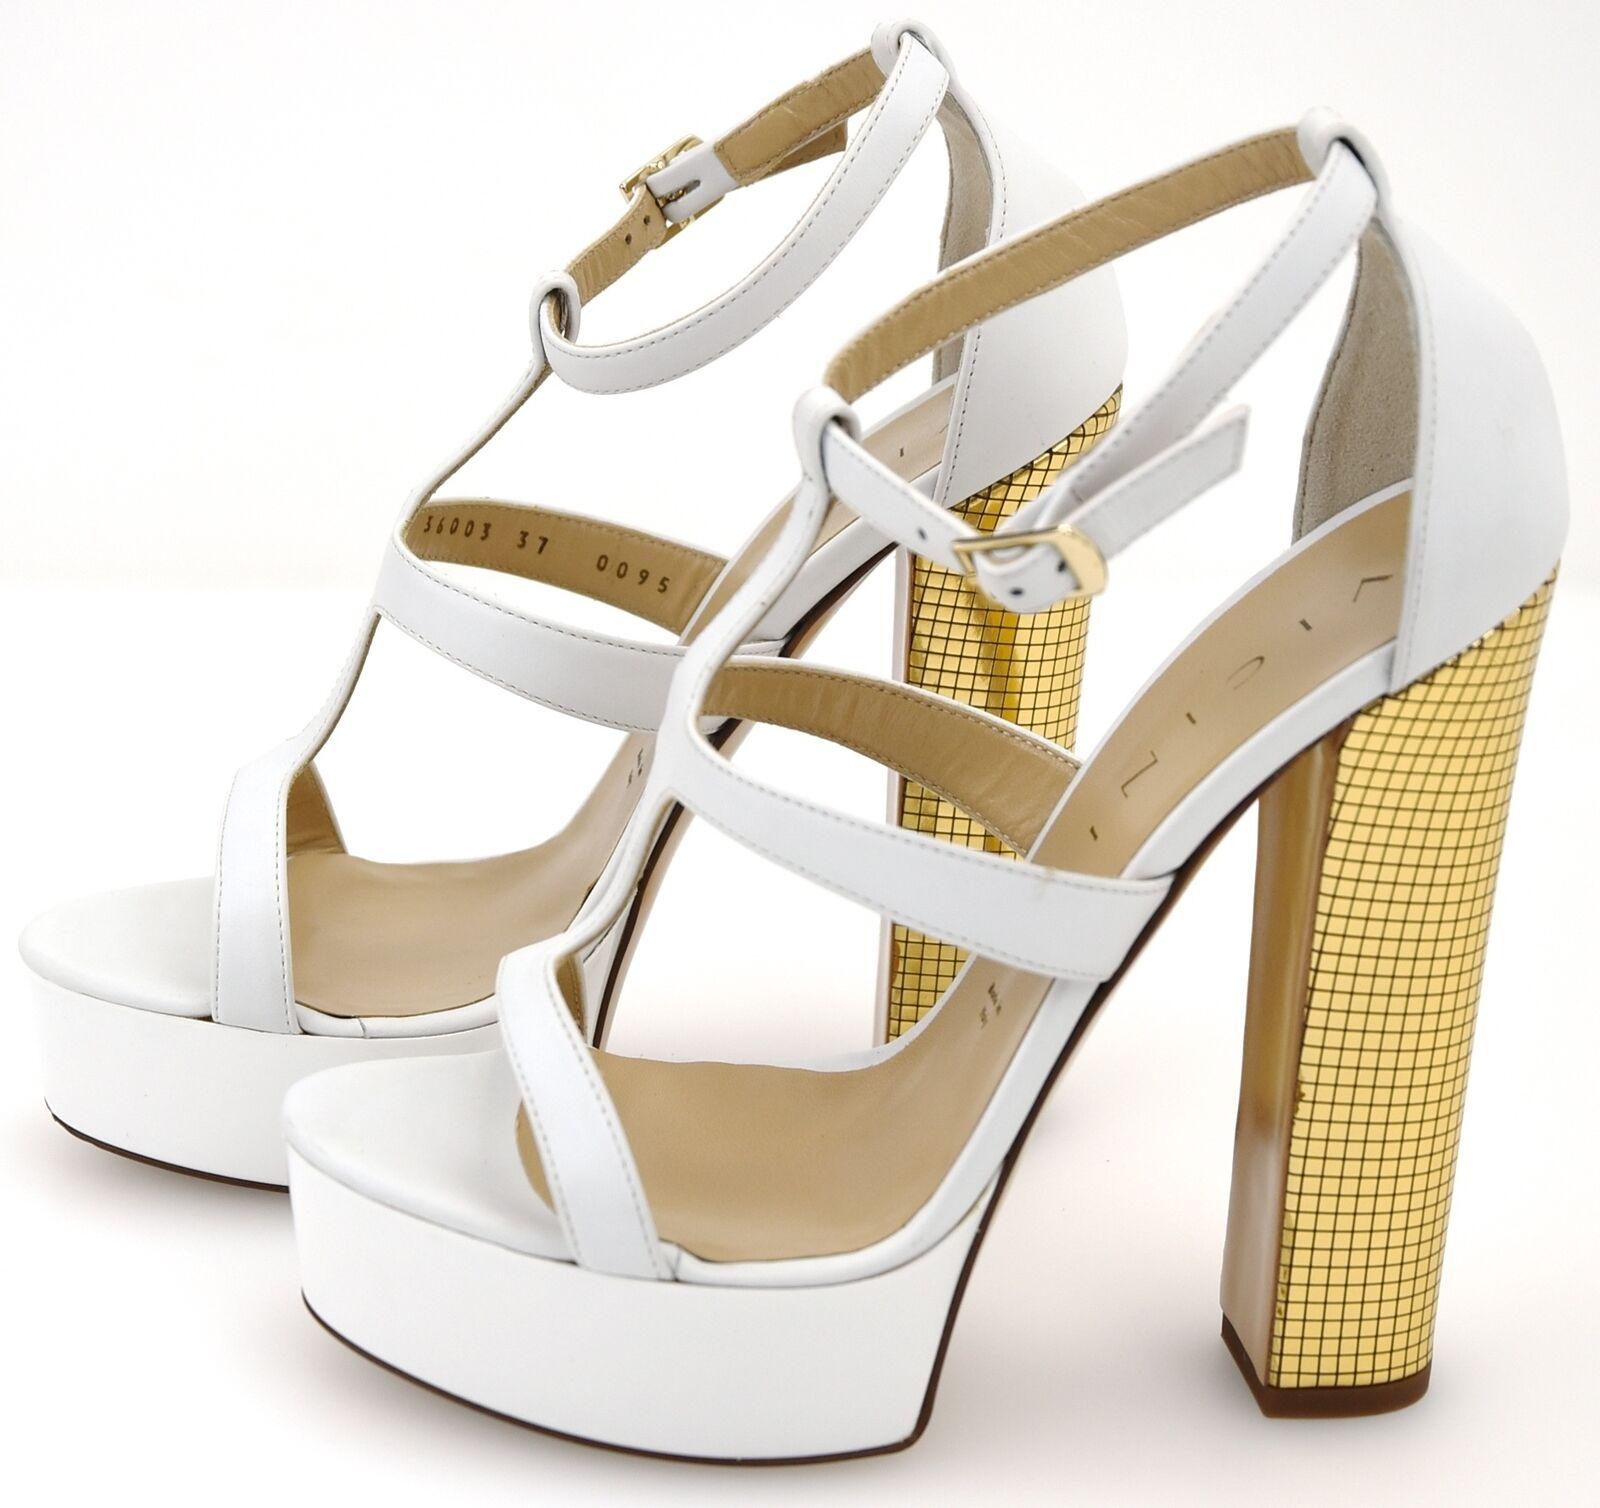 Vicini Vicini Vicini Mujer Tacones Altos Sandalias Zapatos Cuero Bloque Tacones código C30003 defecto  artículos de promoción